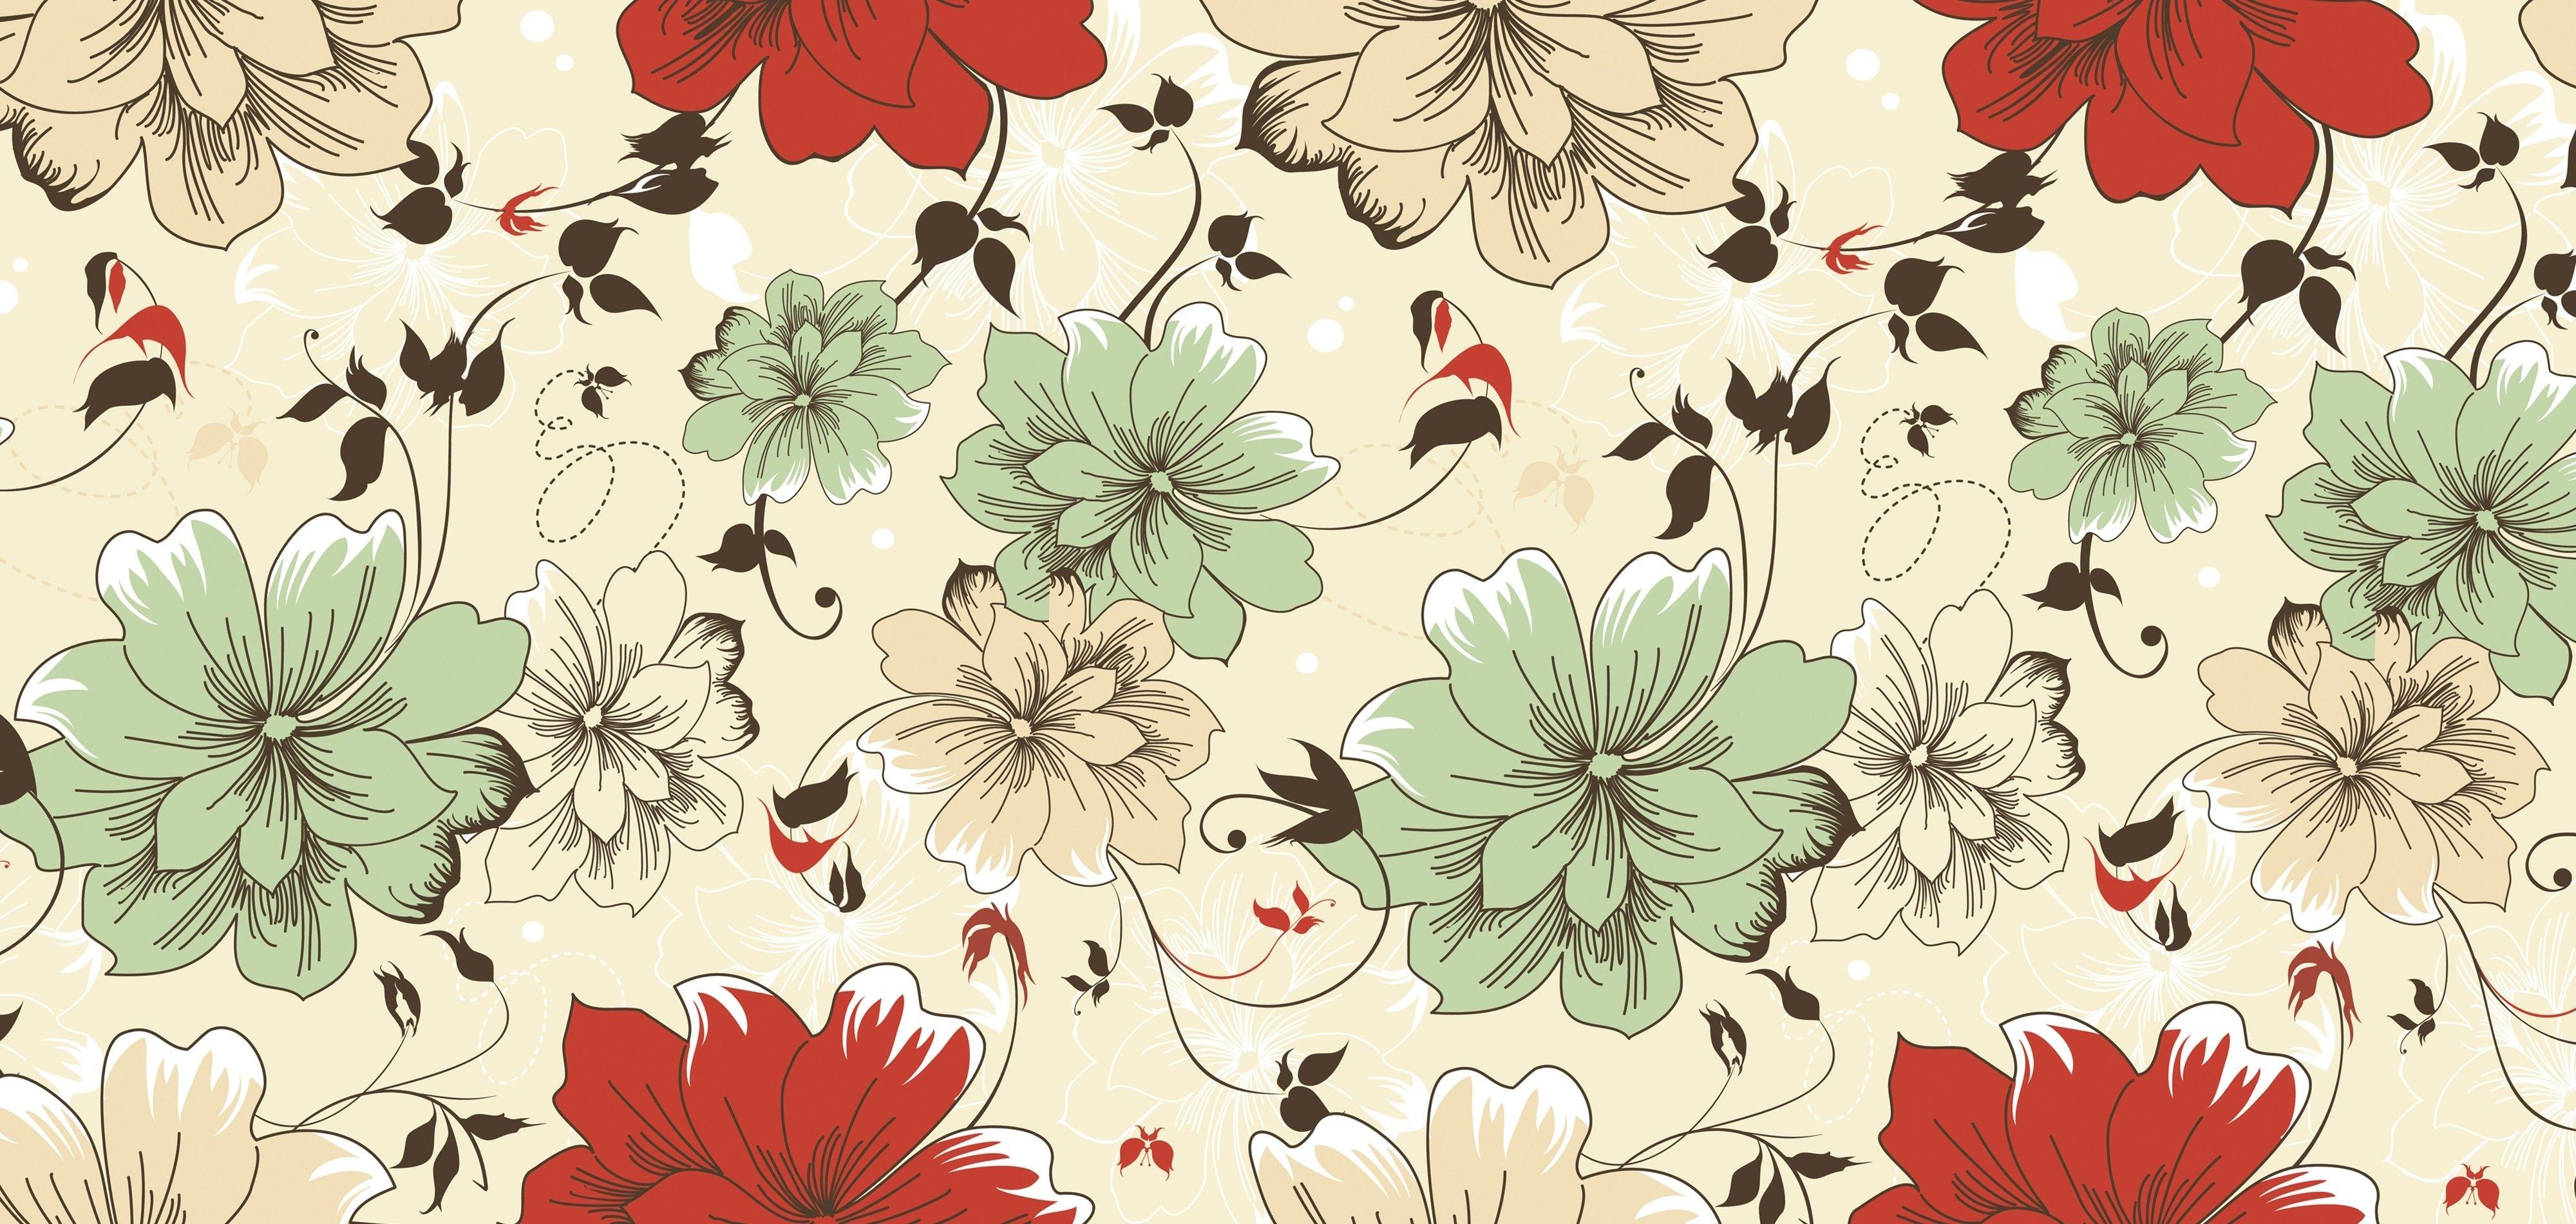 Vintage floral pattern desktop wallpaper